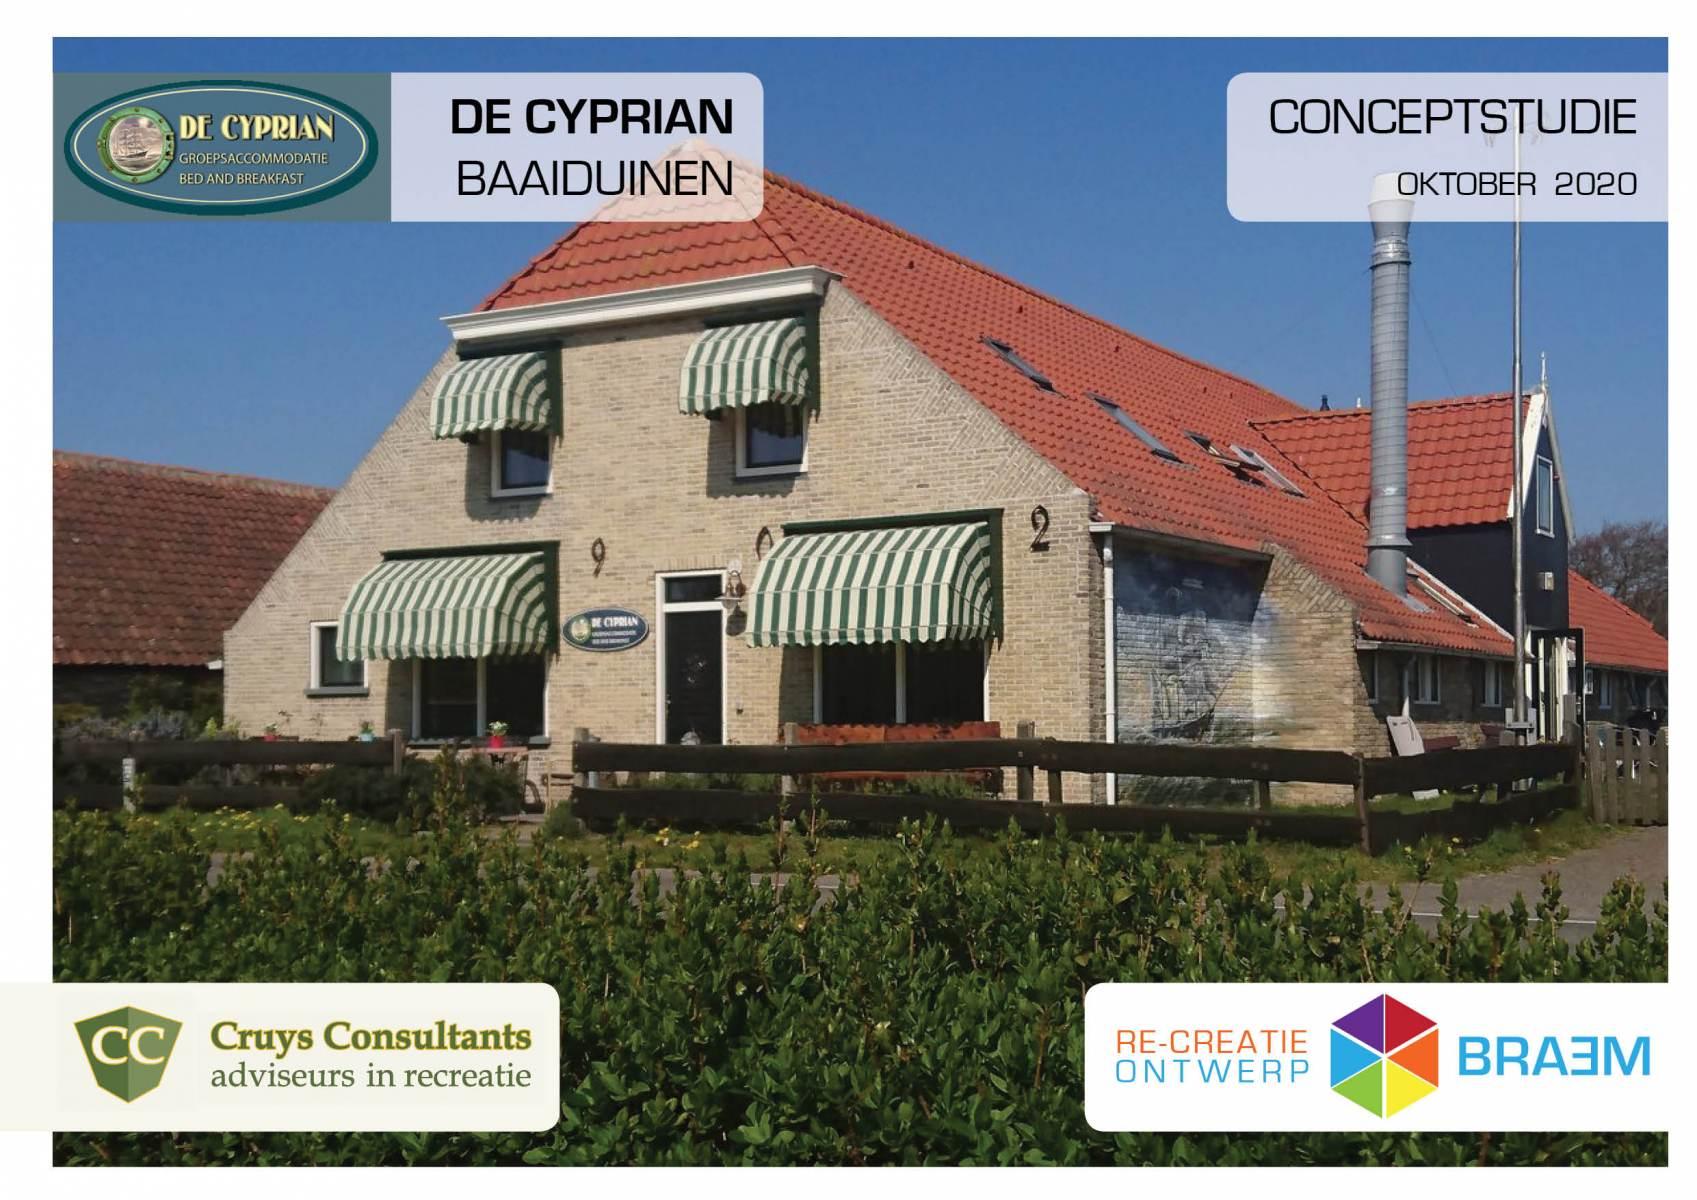 De-Cyprian-Baaiduinen